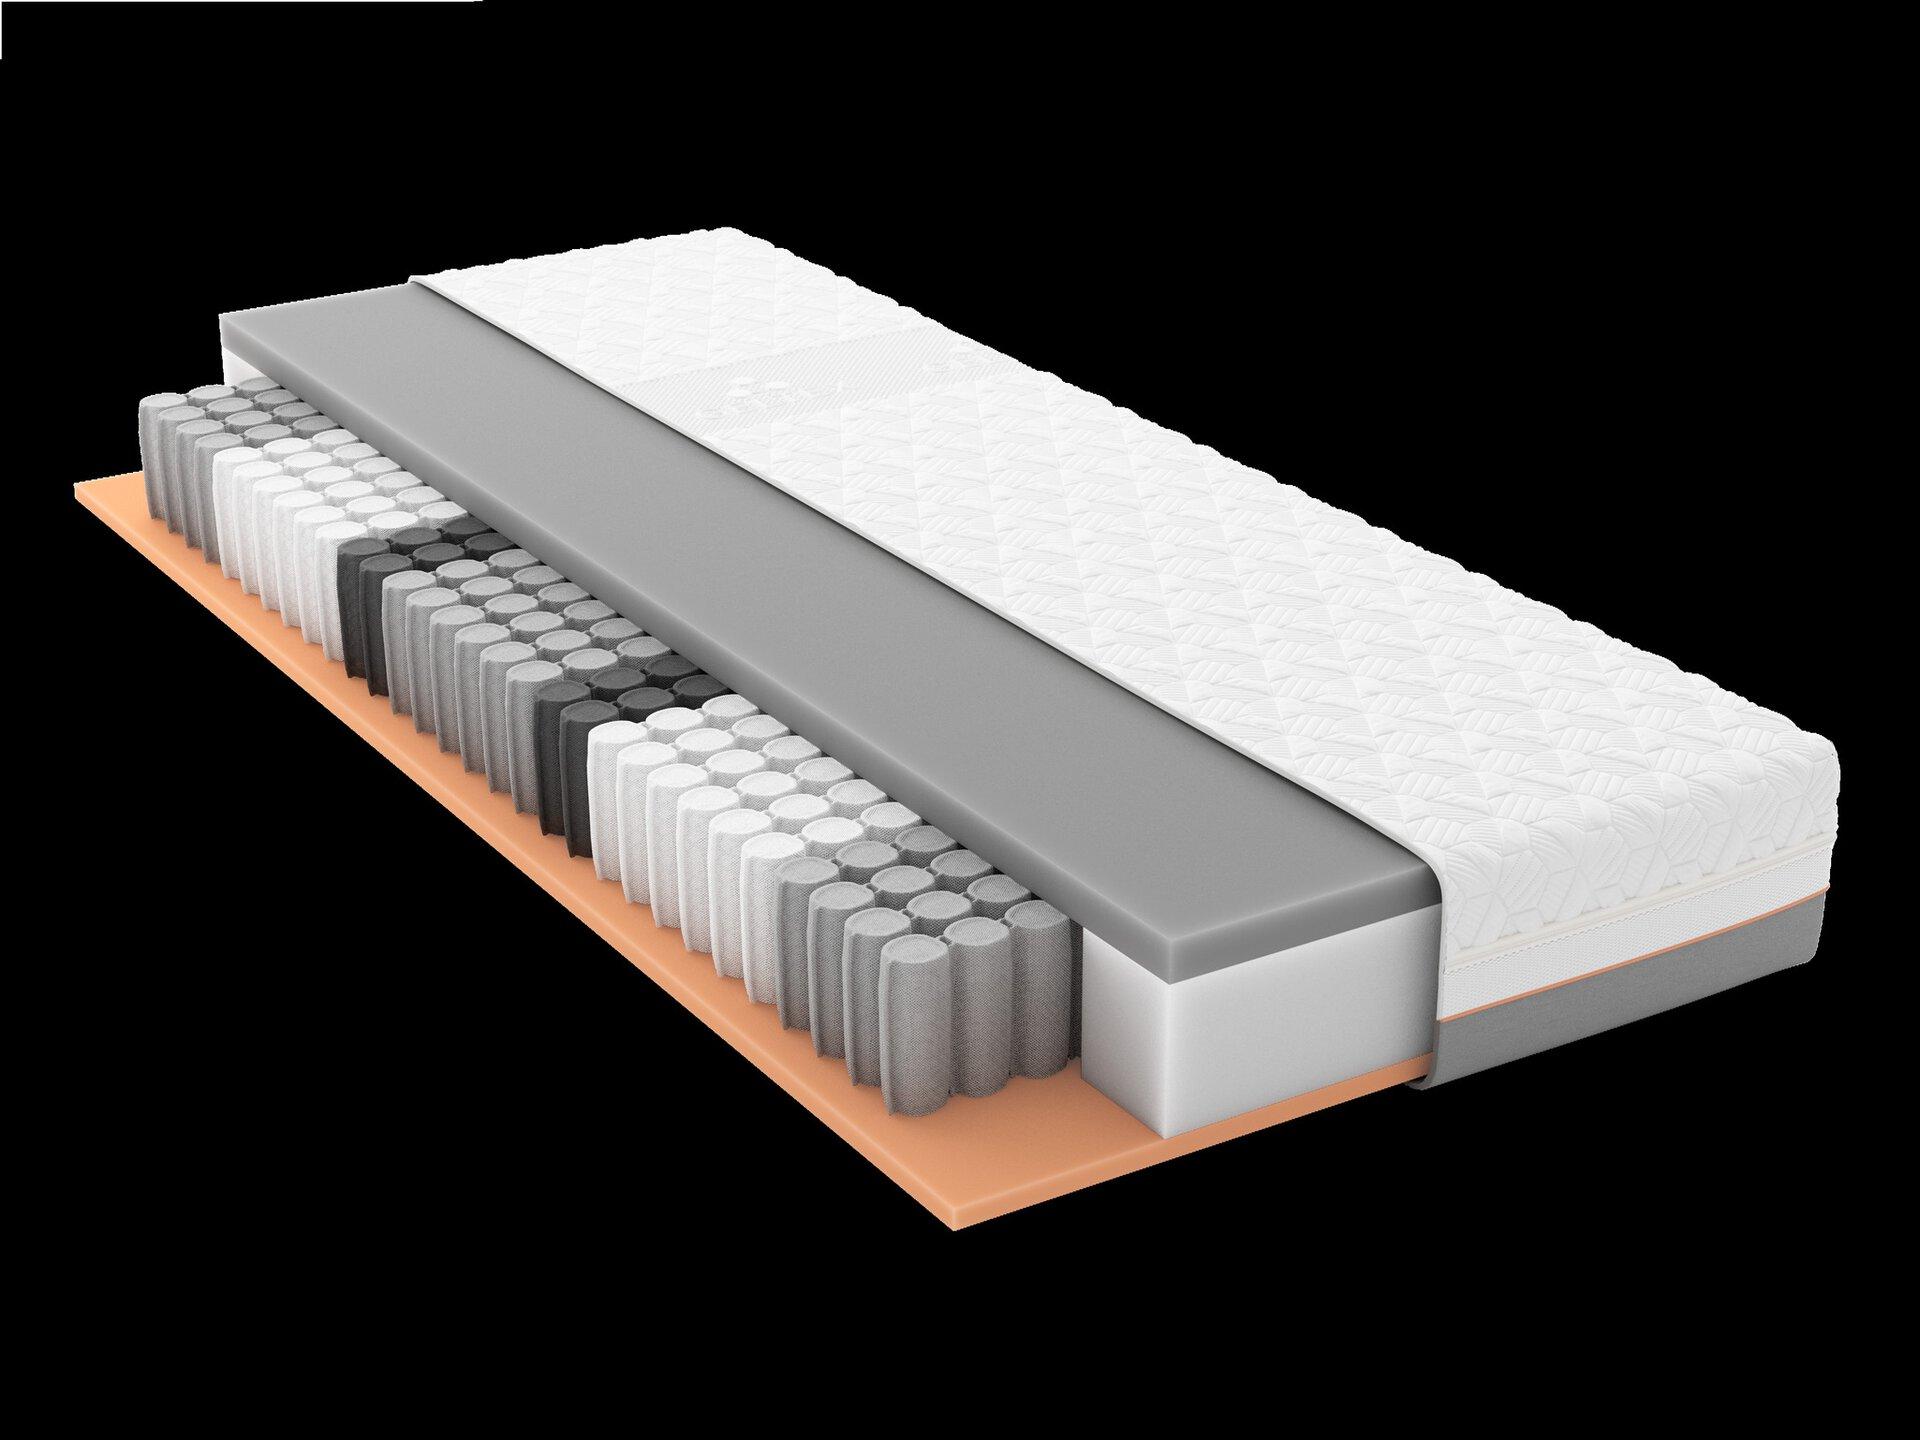 Taschenfederkernmatratze GELTEX Starline X7 TFK H2 Schlaraffia Textil weiß 2 x 2 cm